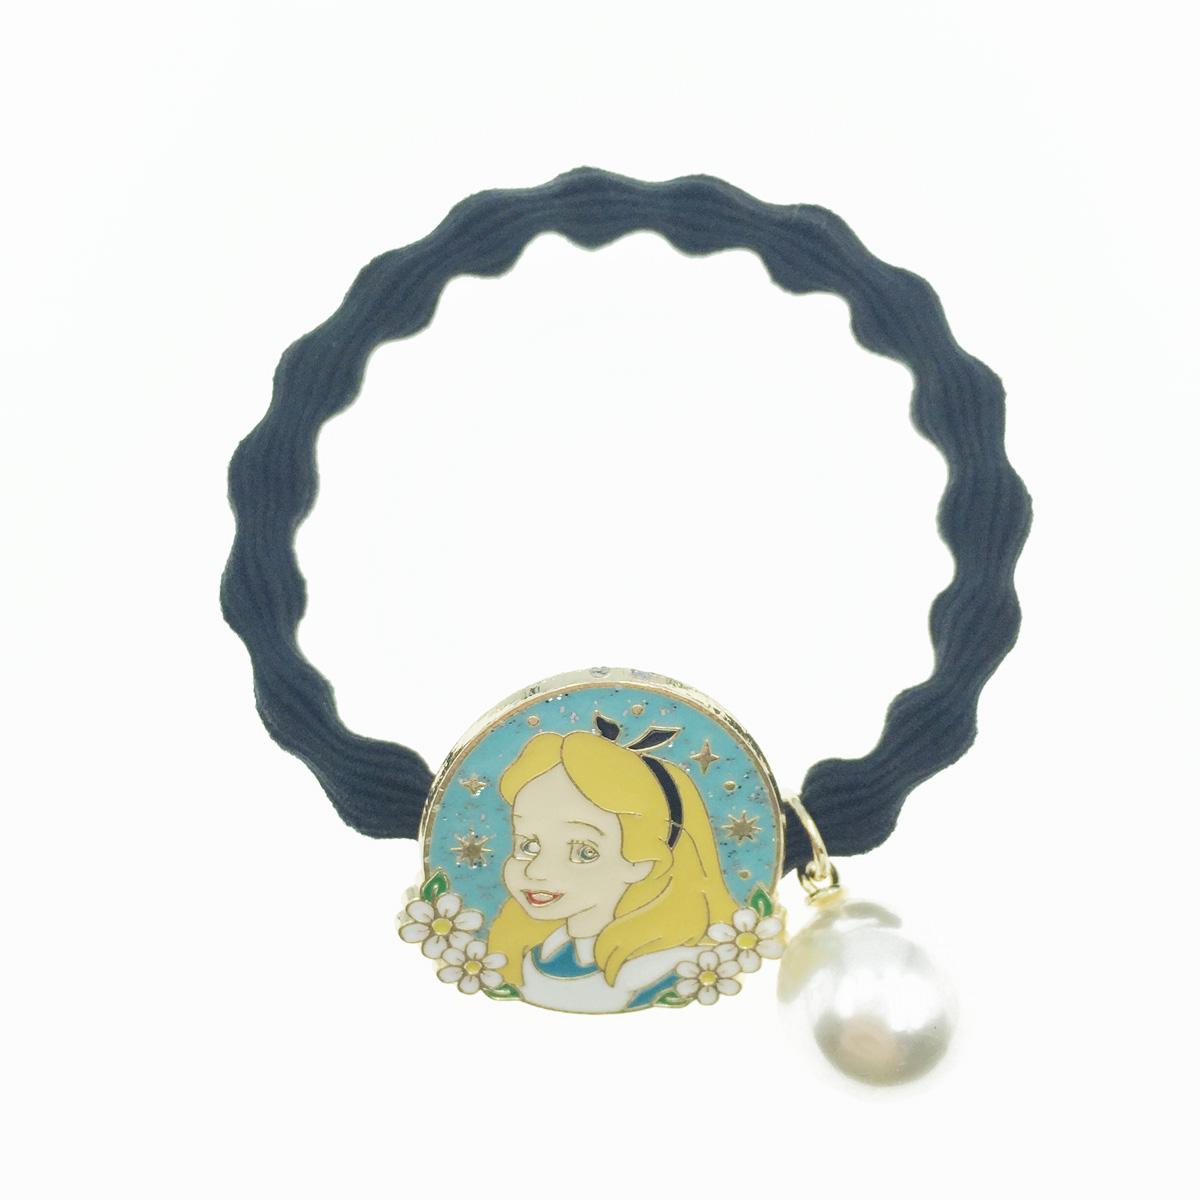 韓國 愛麗絲 珍珠墜飾 髮飾 髮圈 髮束